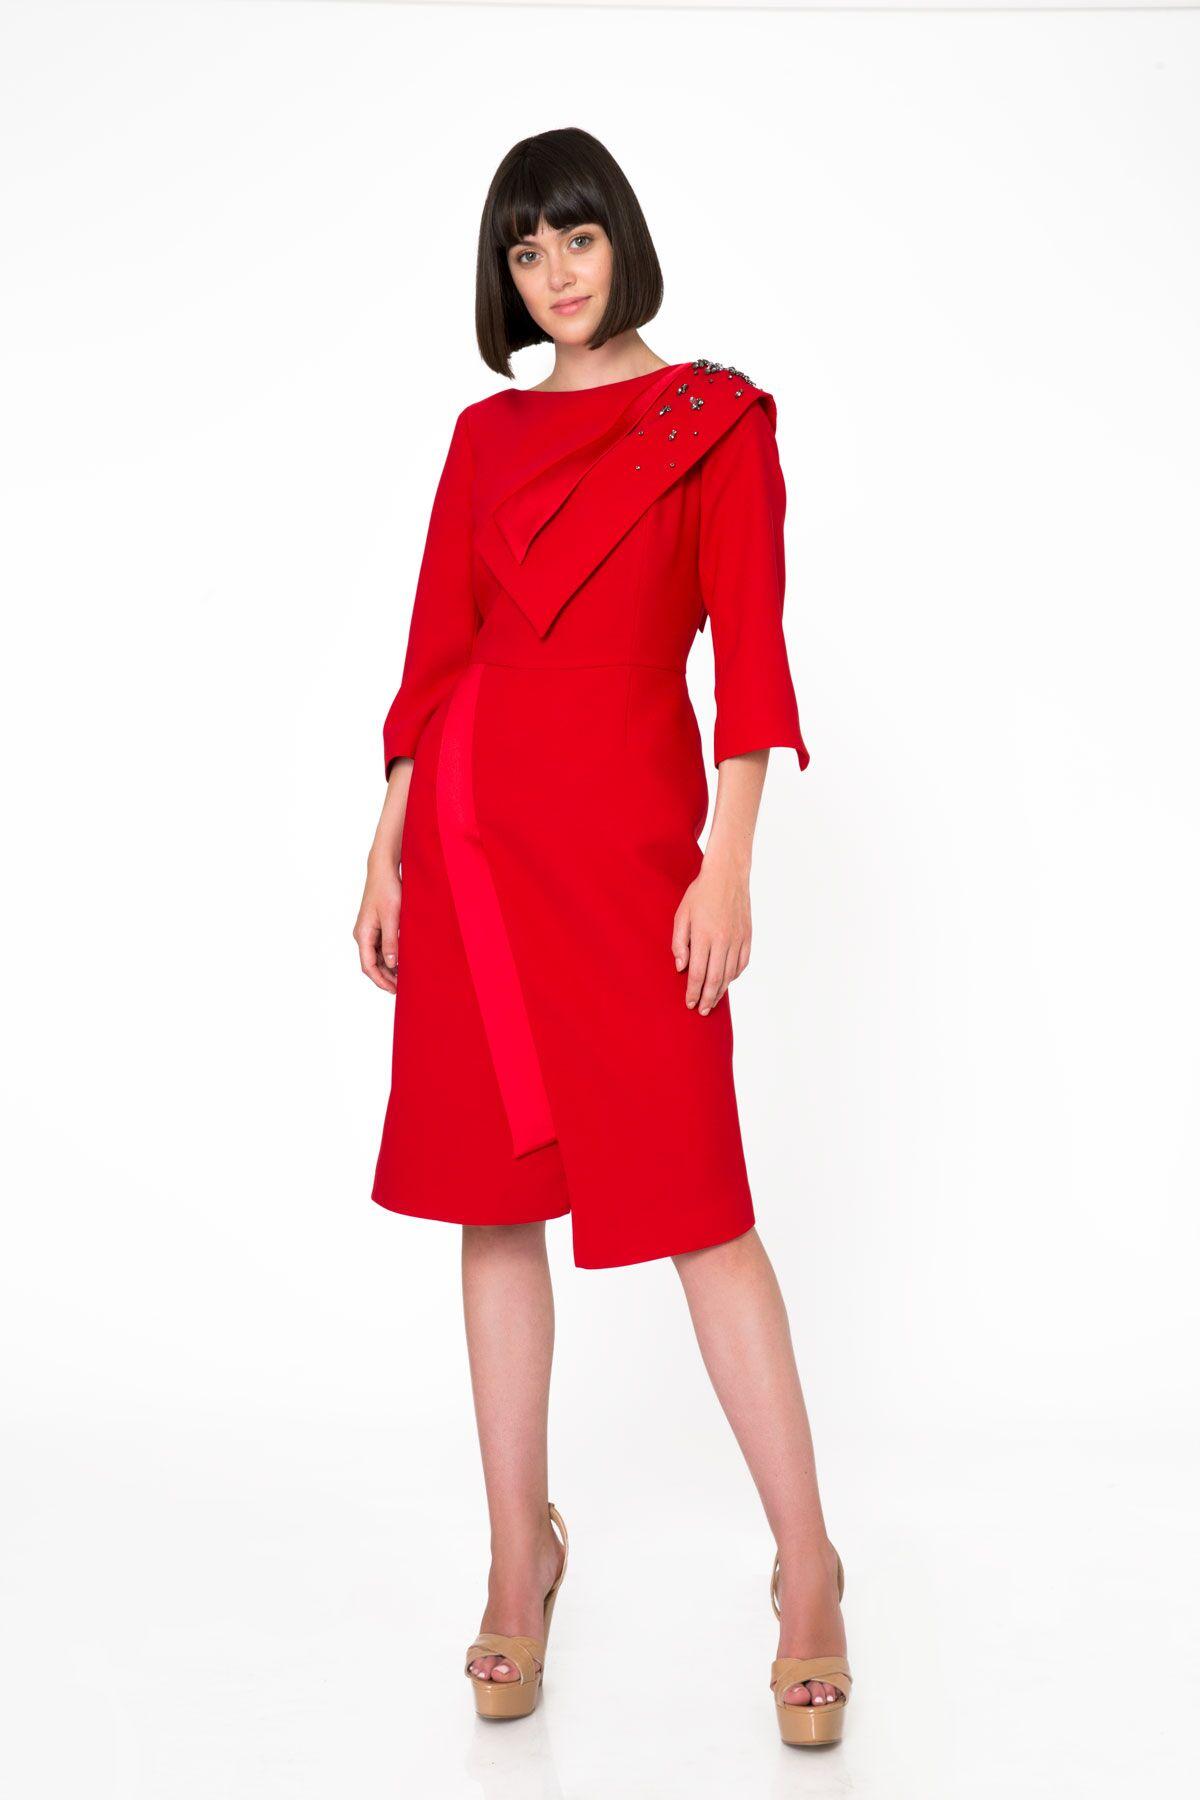 Geniş Yaka İşleme Detaylı Midi Boy Kırmızı Elbise